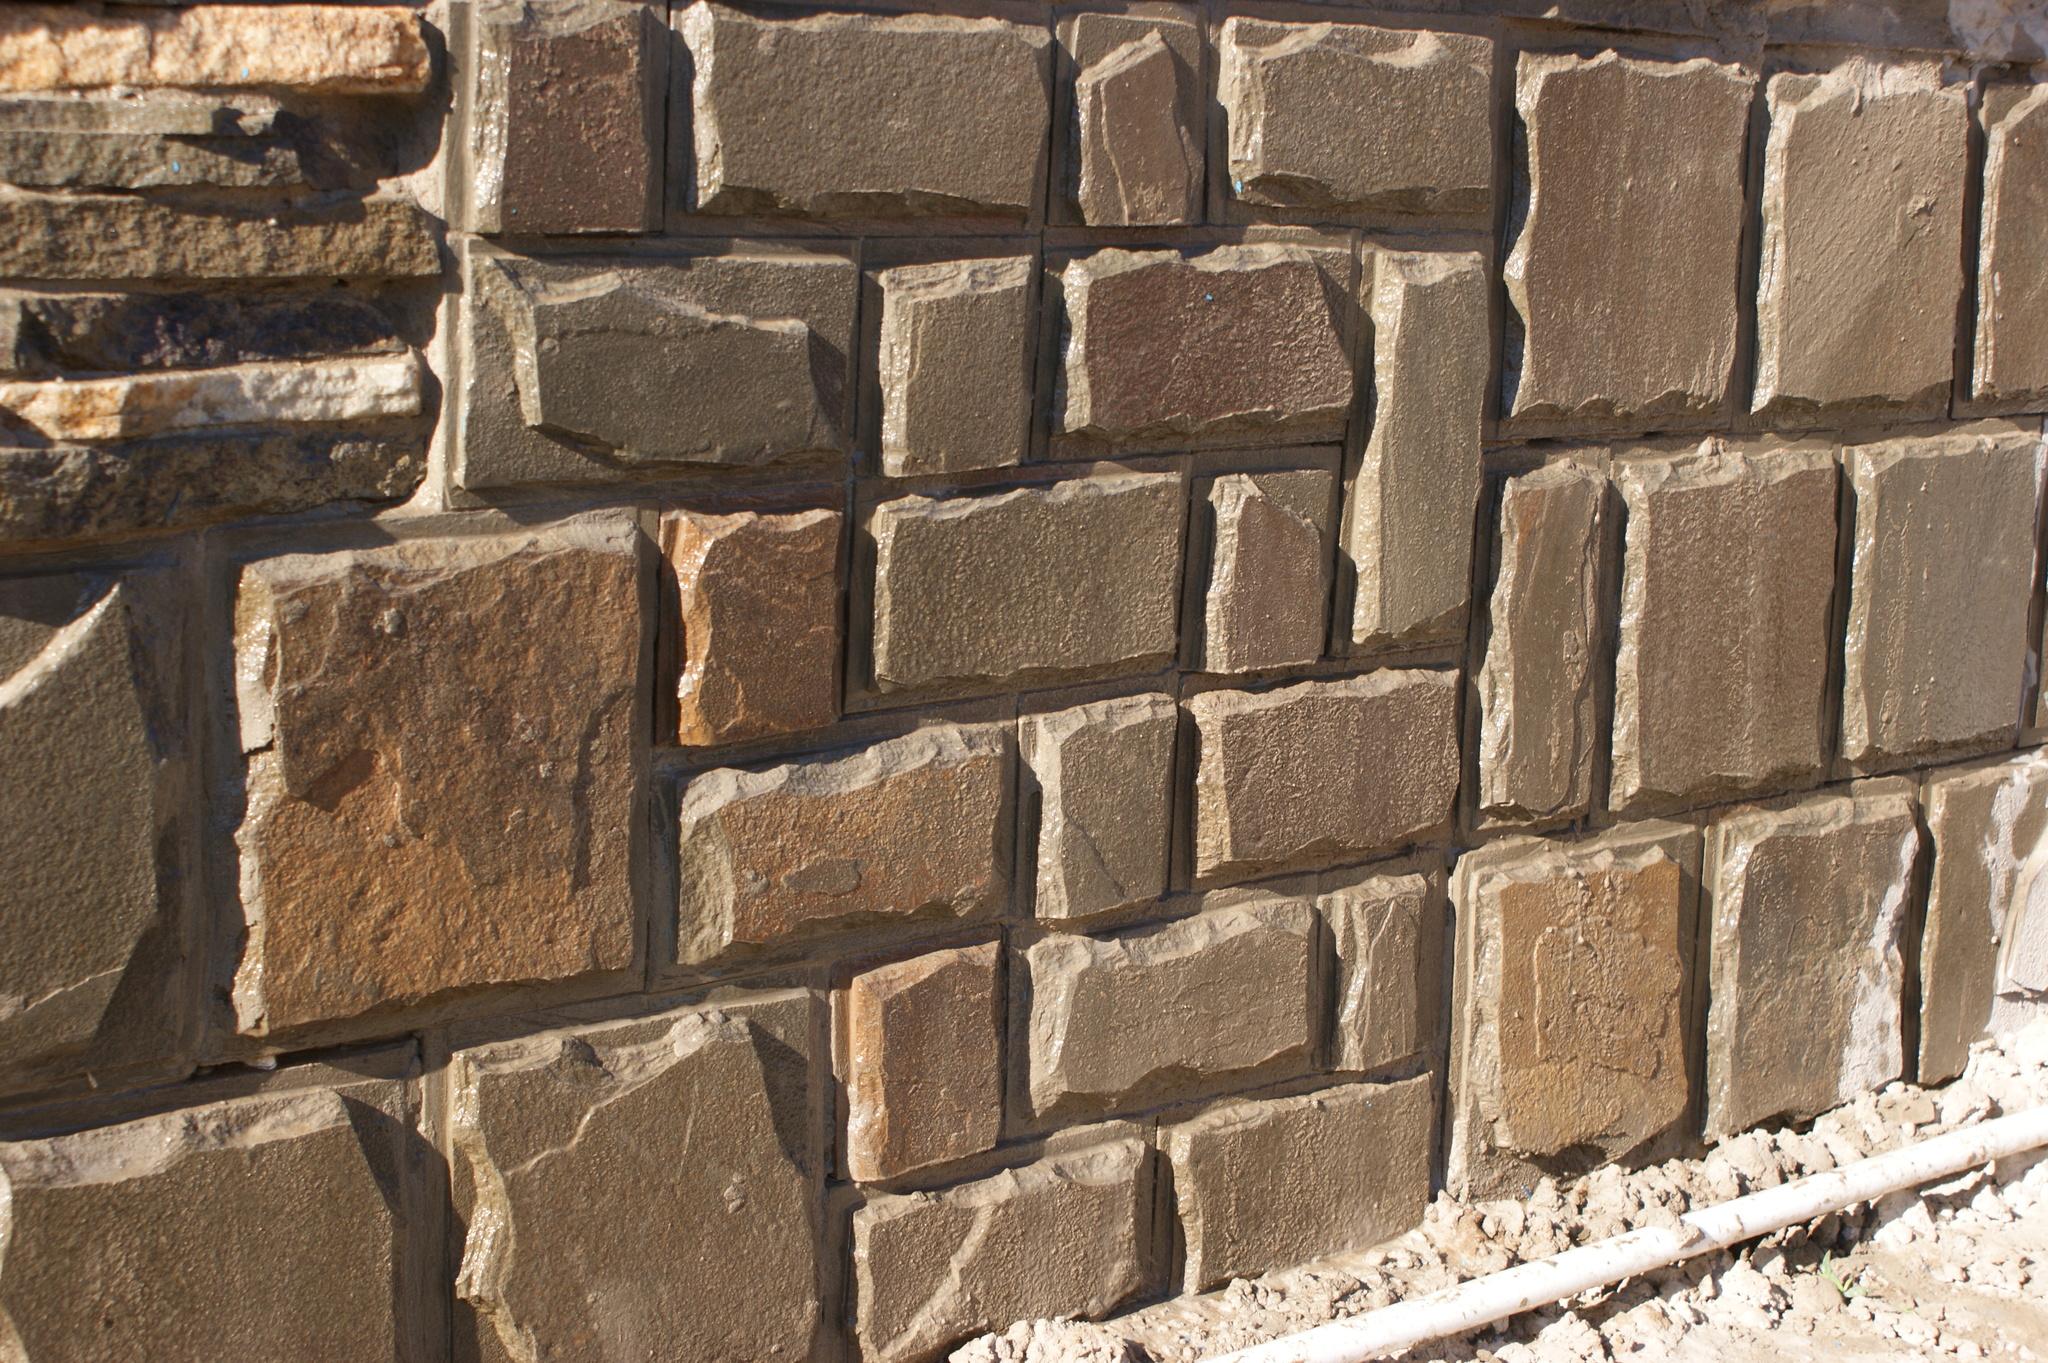 плитка песчаник пиленный рустованный Серый, пример облицовки